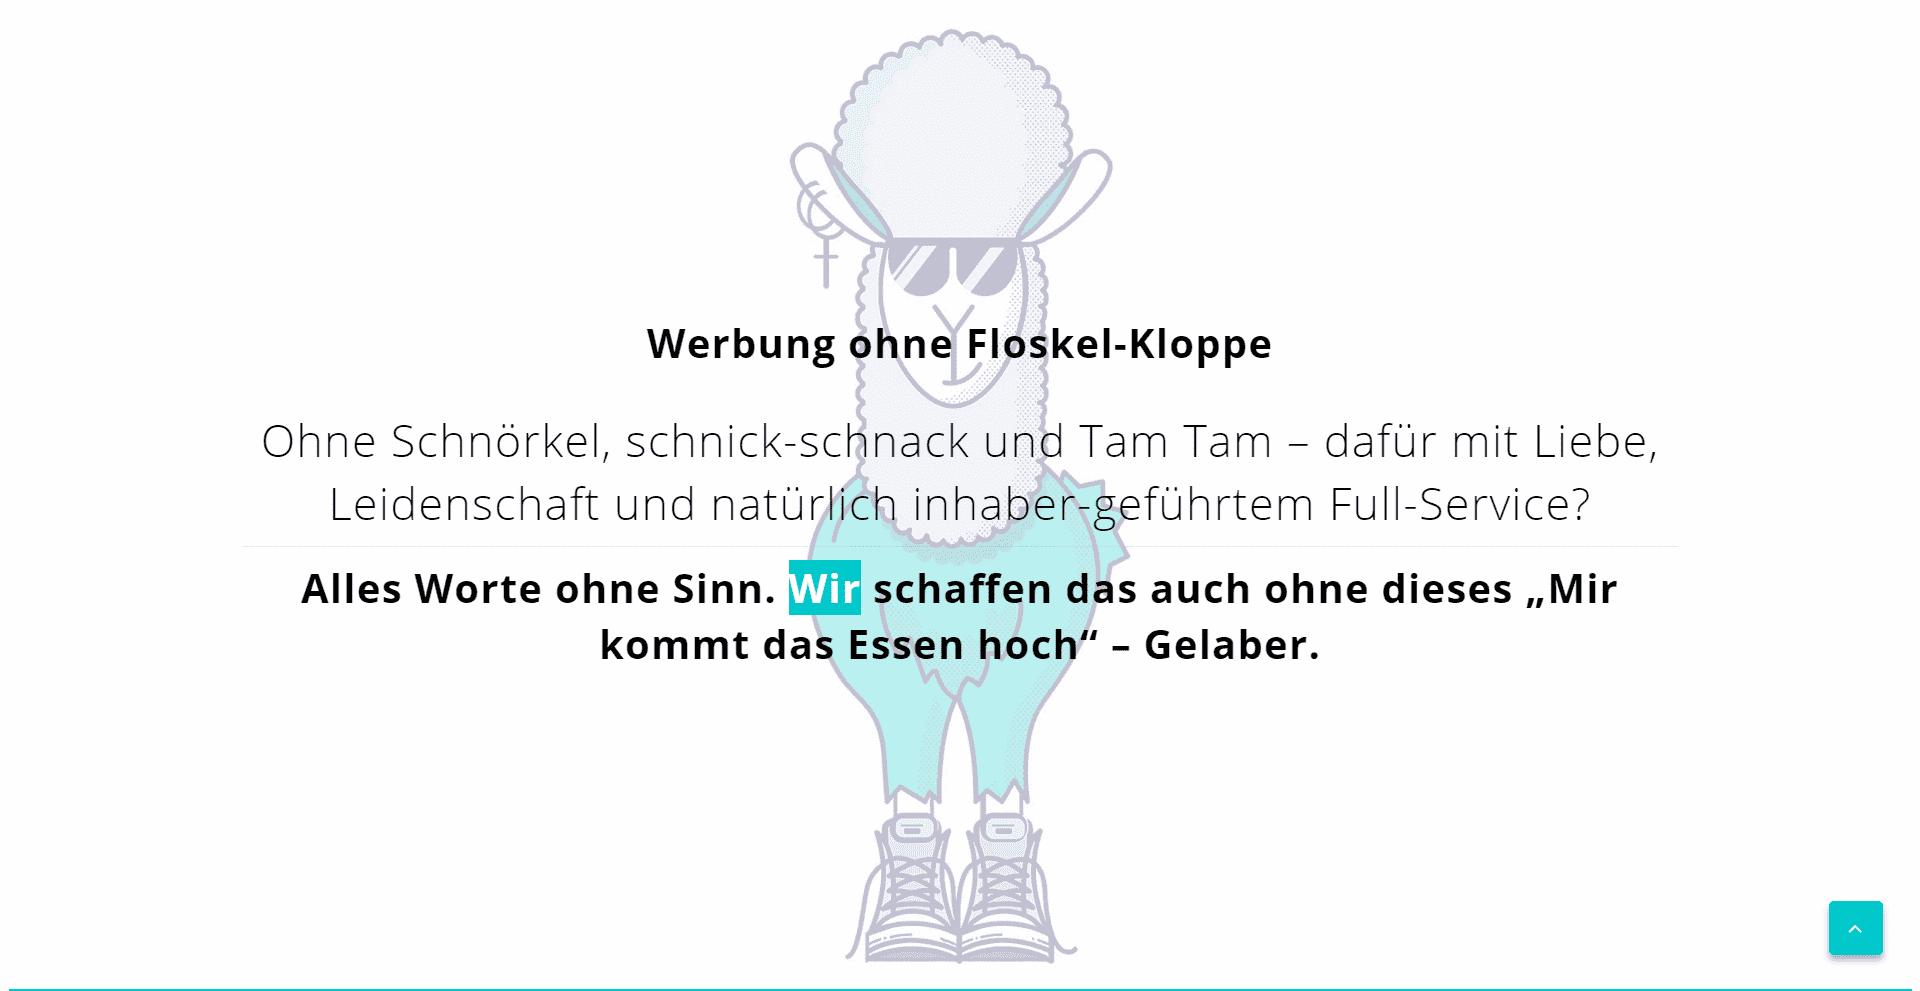 Werbeagentur Ibbenbüren - WordPress Webdesign Referenz